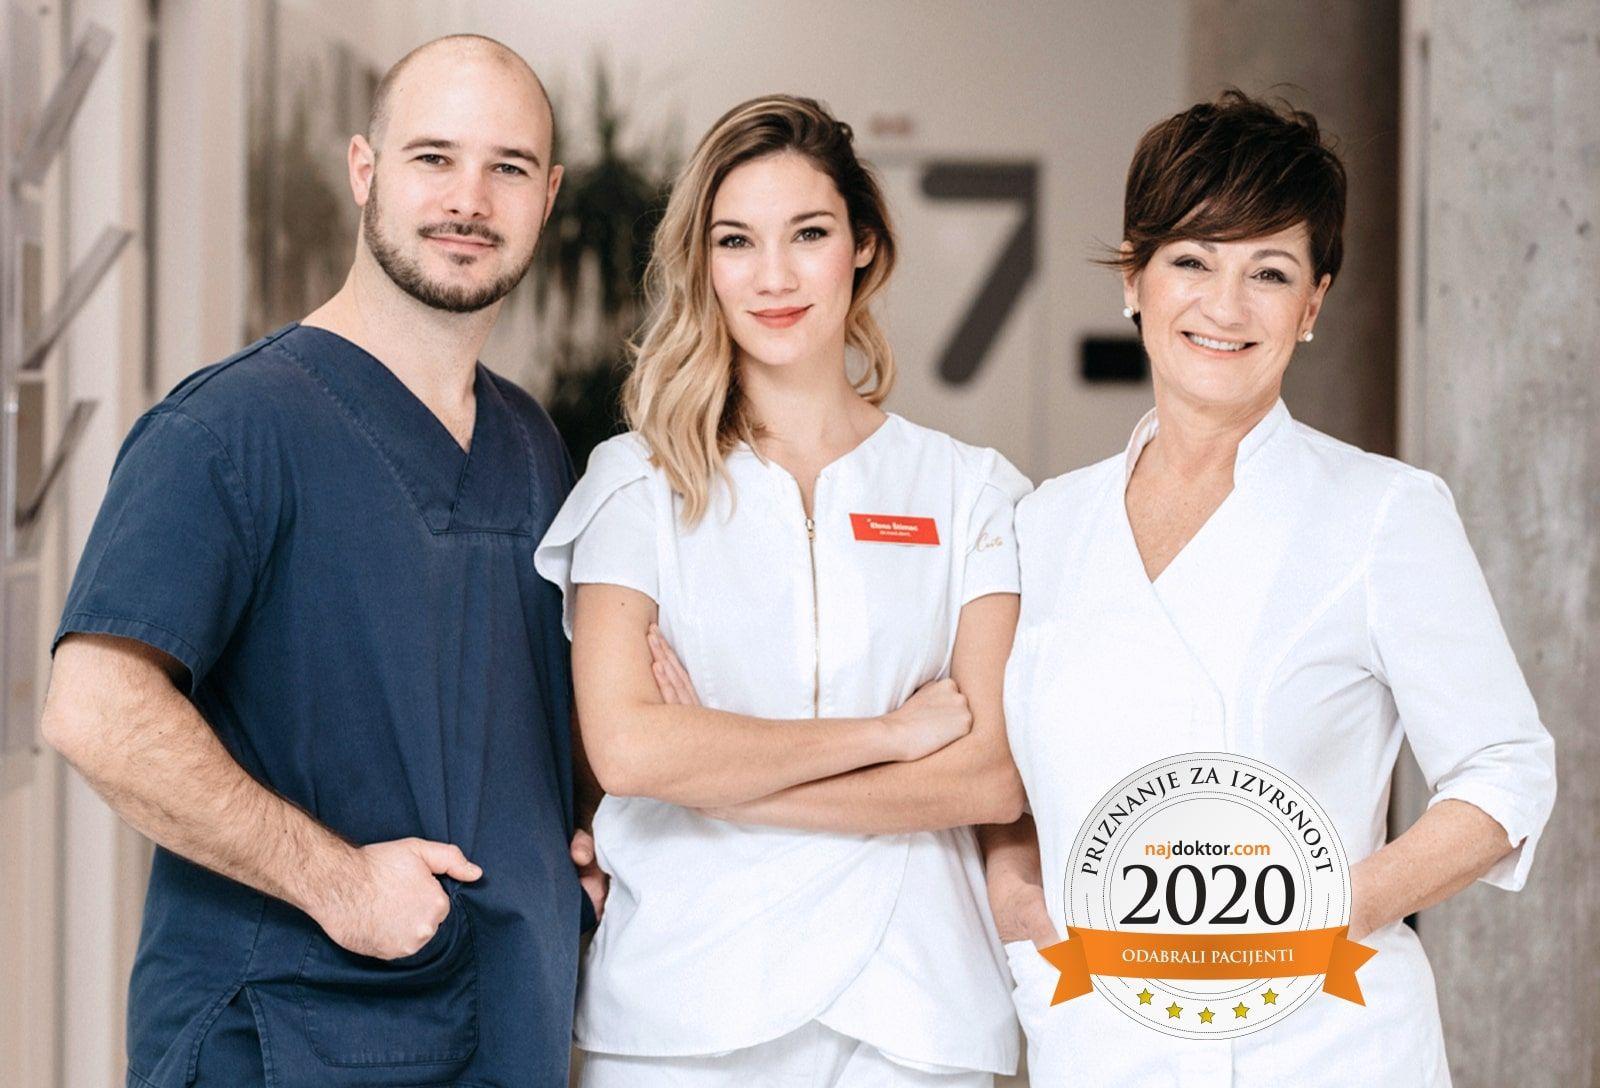 najdoktori 2020